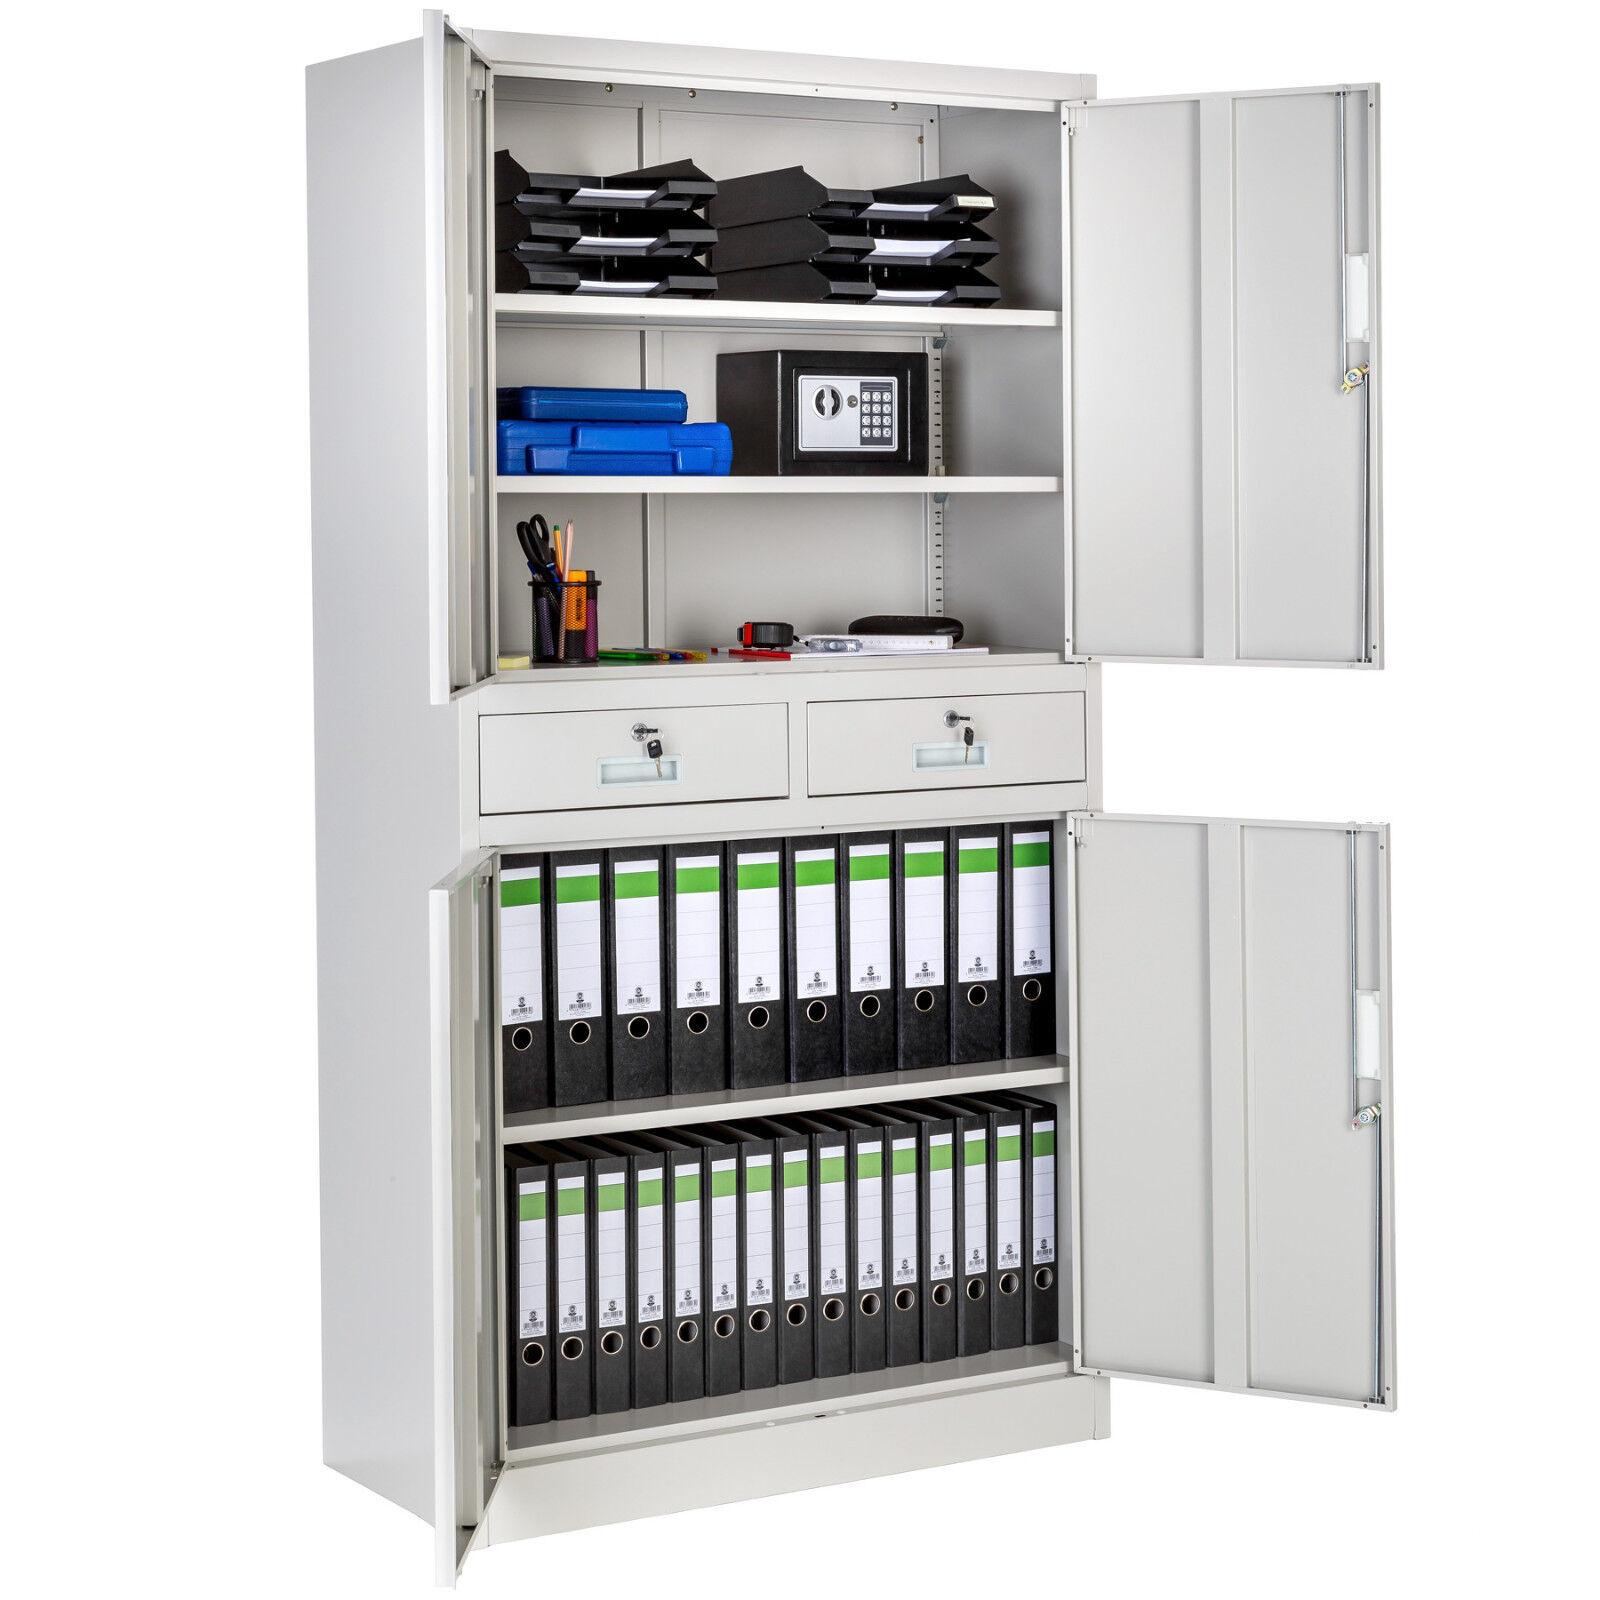 90x40x180cm Büroschrank Aufbewahrungs Aktenschrank Metallschrank Stahlschrank